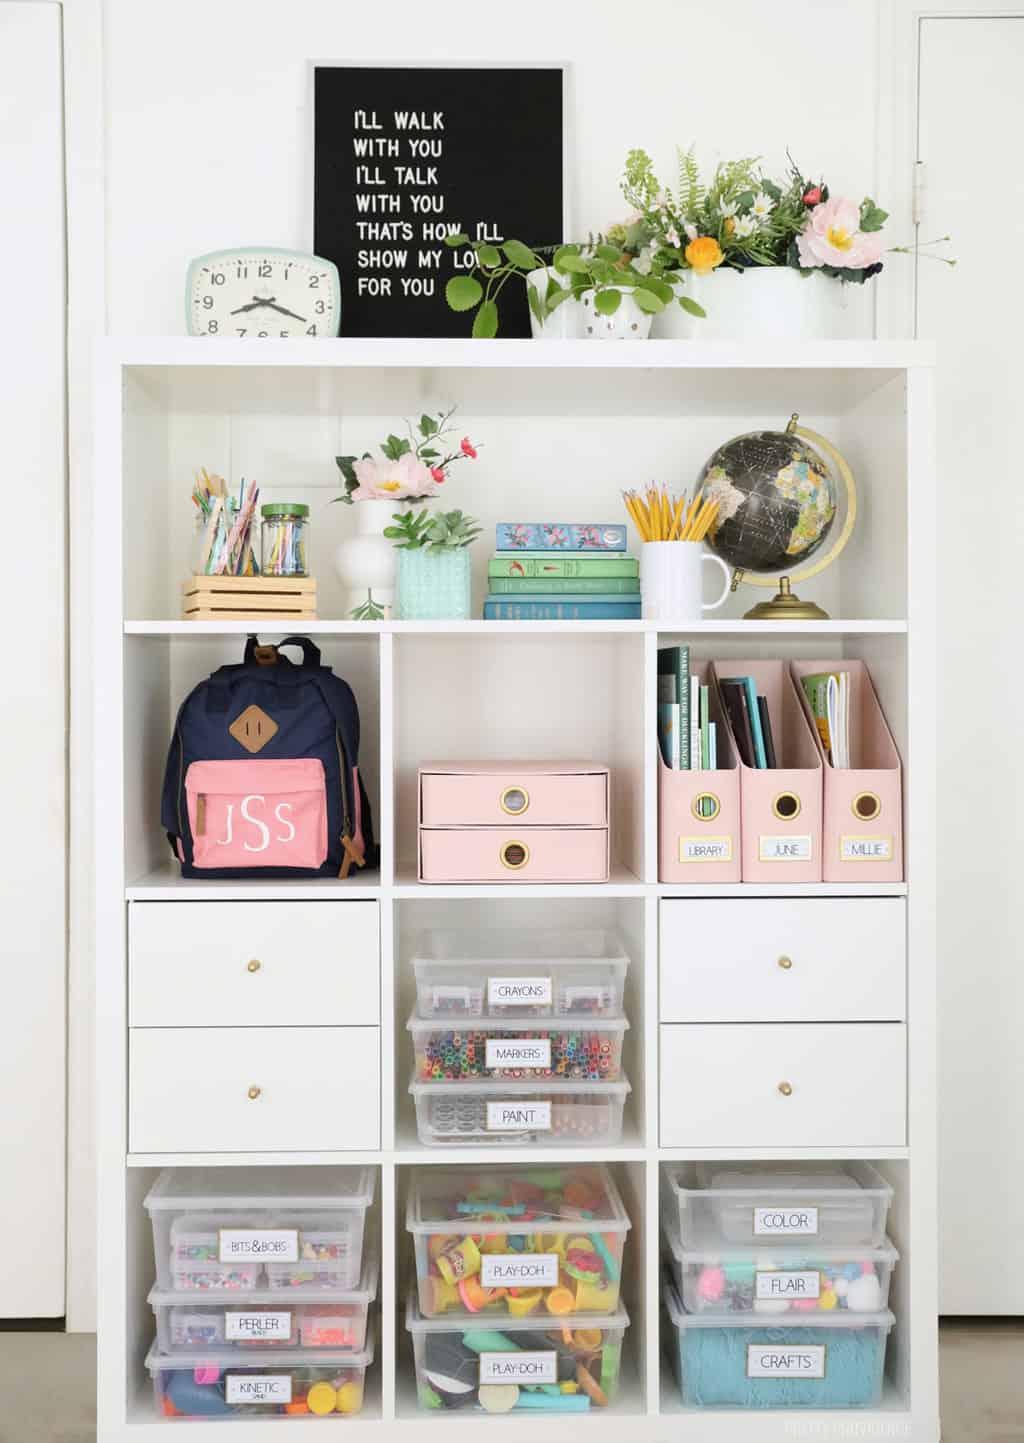 fournitures artistiques organisées et étiquetées sur une étagère kallax IKEA blanche